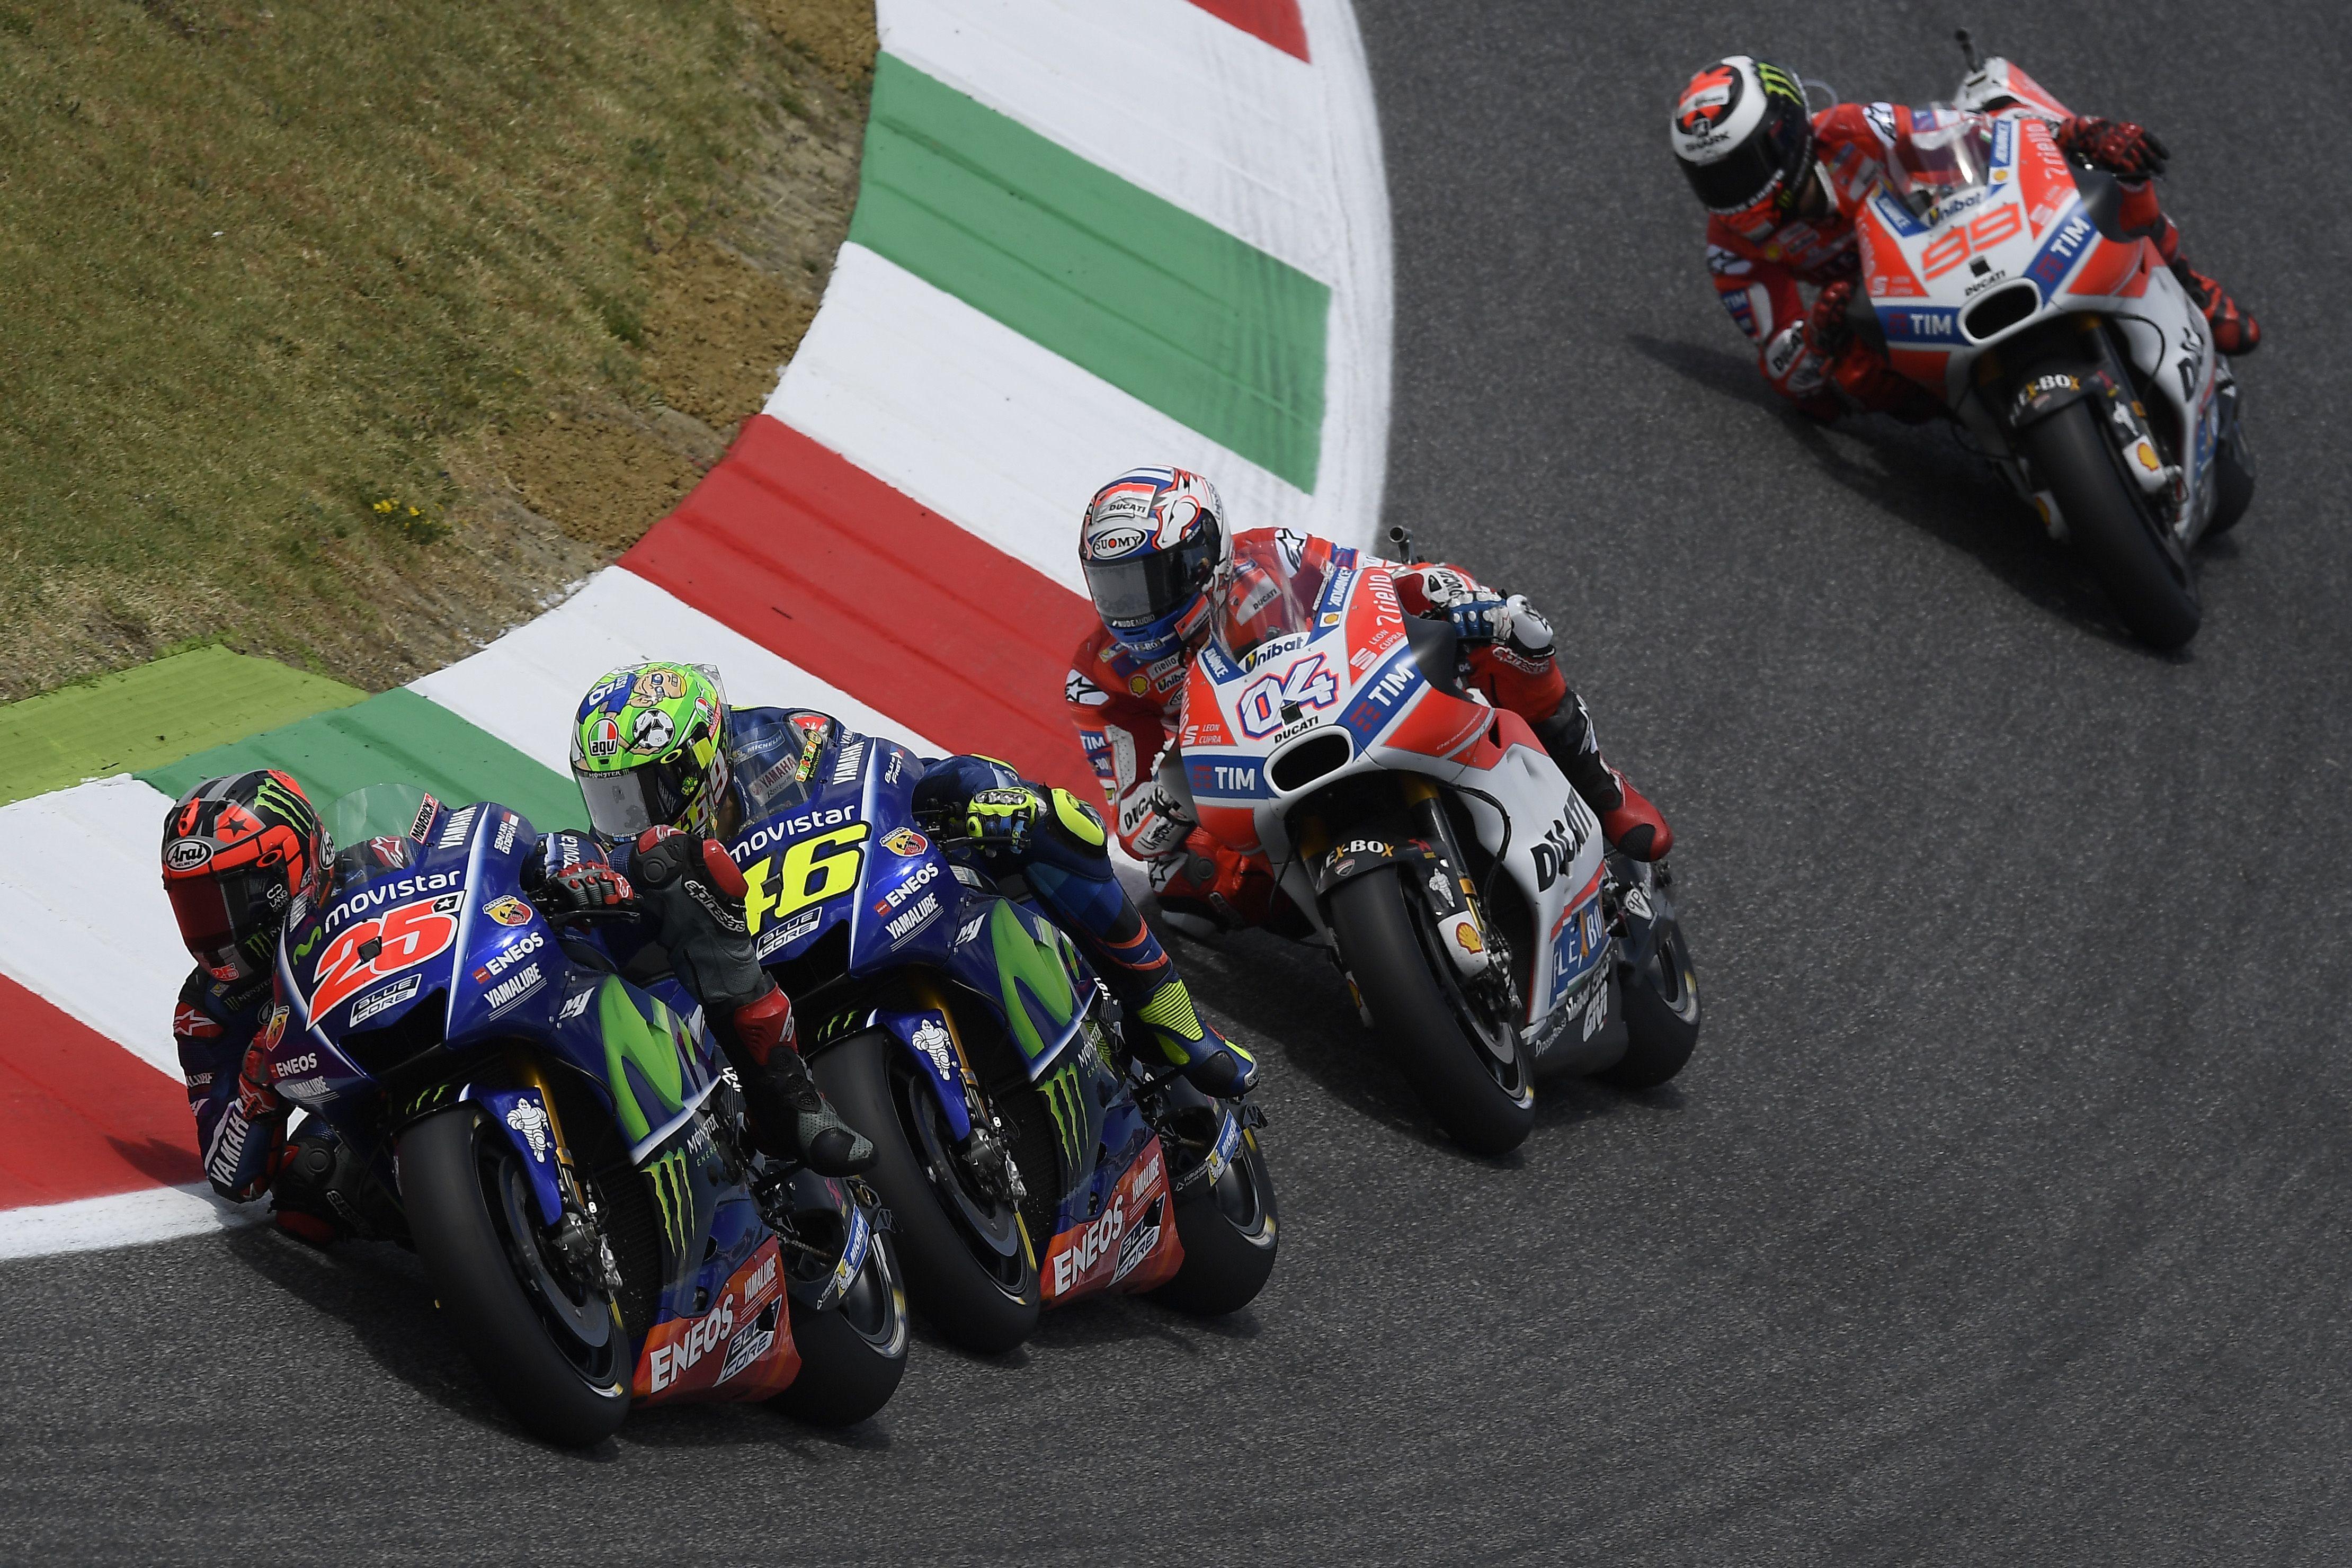 Vídeo: Resumo completo de todas as corridas em Mugello (MotoGP / Moto2 / Moto3)http://www.motorcyclesports.pt/video-resumo-completo-todas-as-corridas-mugello-motogp-moto2-moto3/